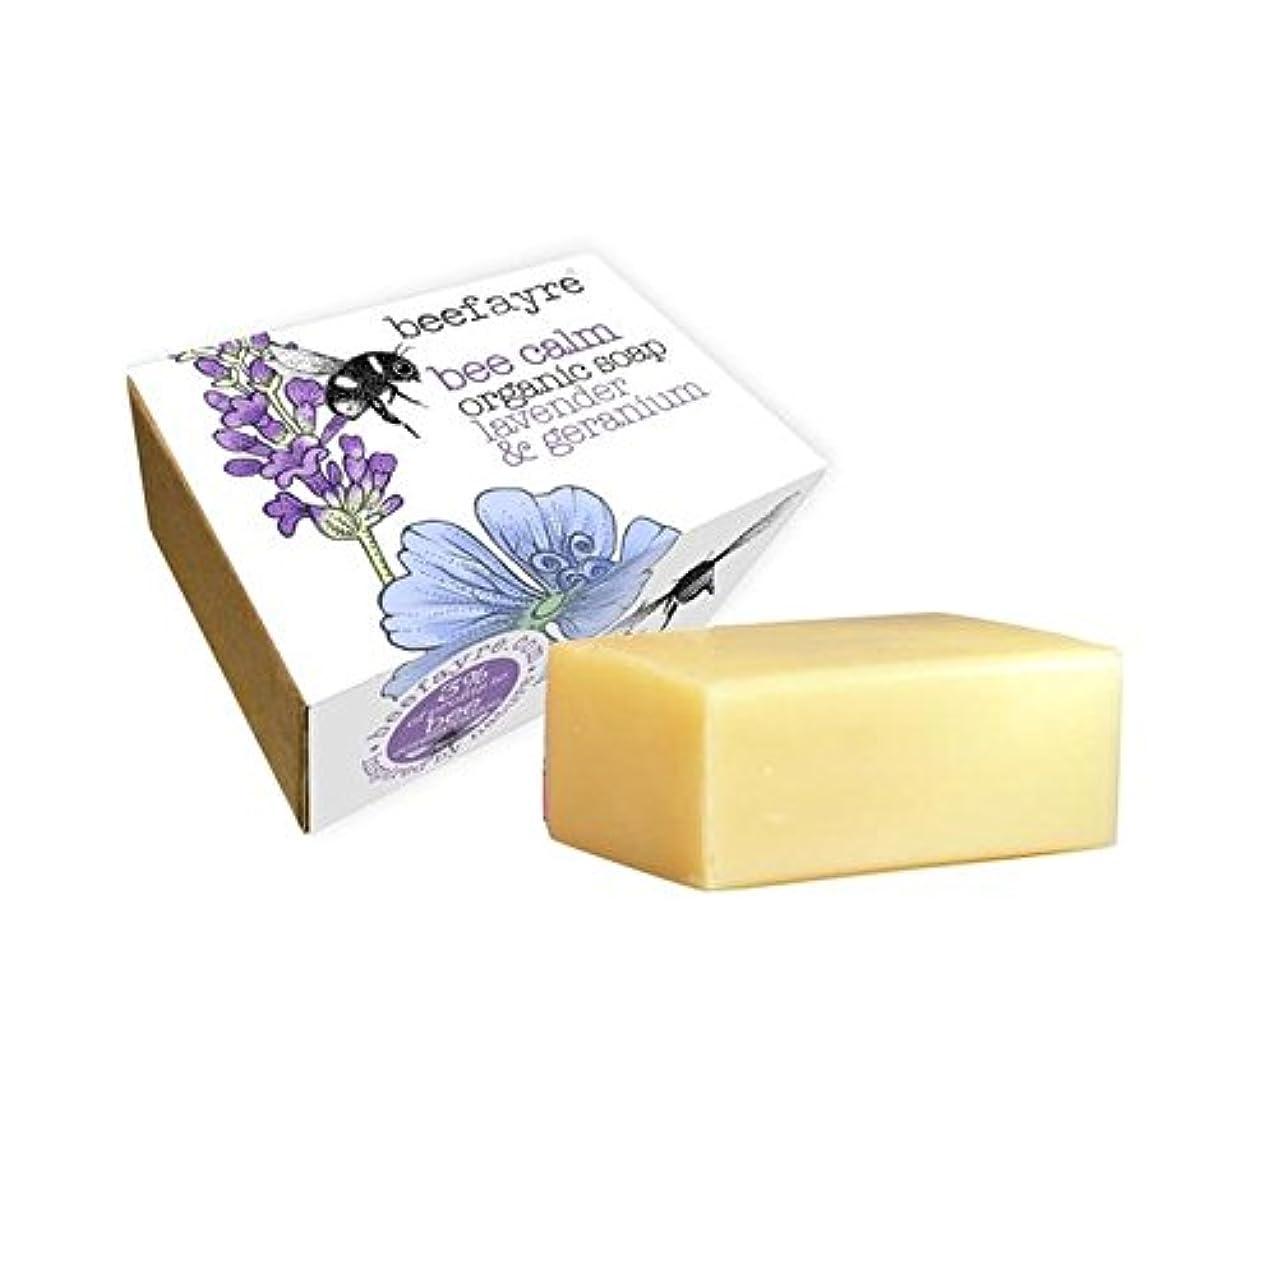 カスタム多年生口径Beefayre Organic Geranium & Lavender Soap (Pack of 6) - 有機ゼラニウム&ラベンダー石鹸 x6 [並行輸入品]